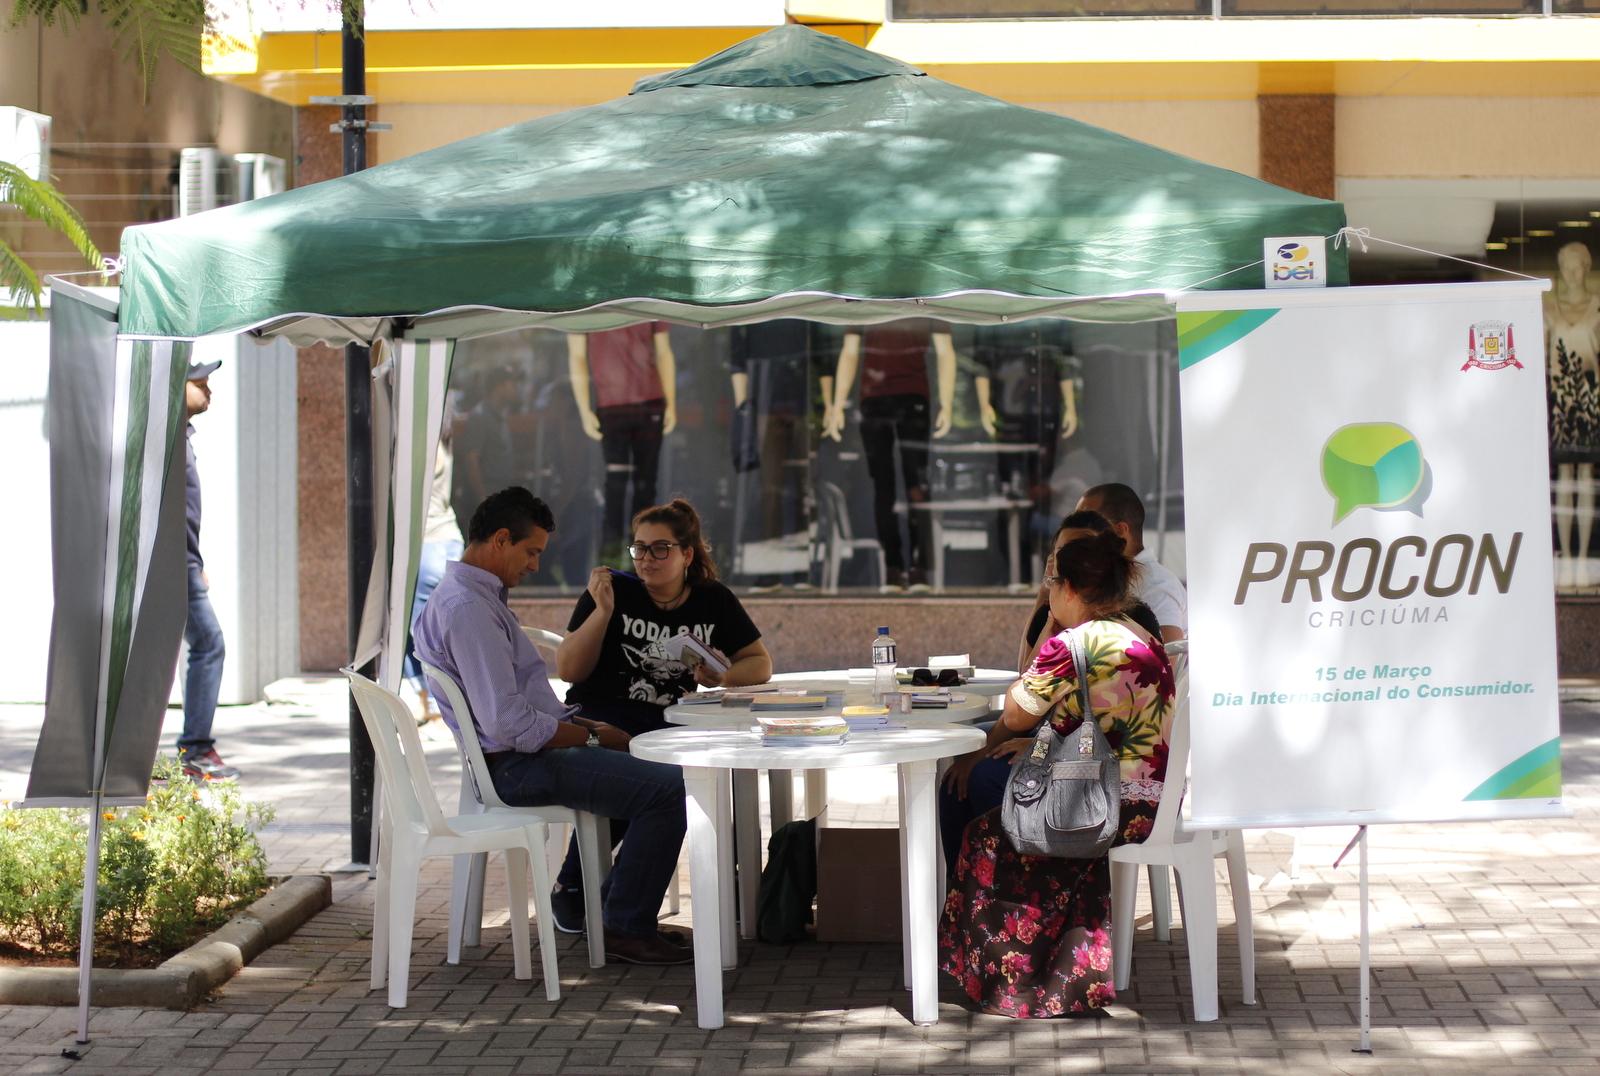 Procon_atende_consumidores_na_Praca_Nereu_Ramos_Foto_de_Jhulian_Pereira_2.JPG